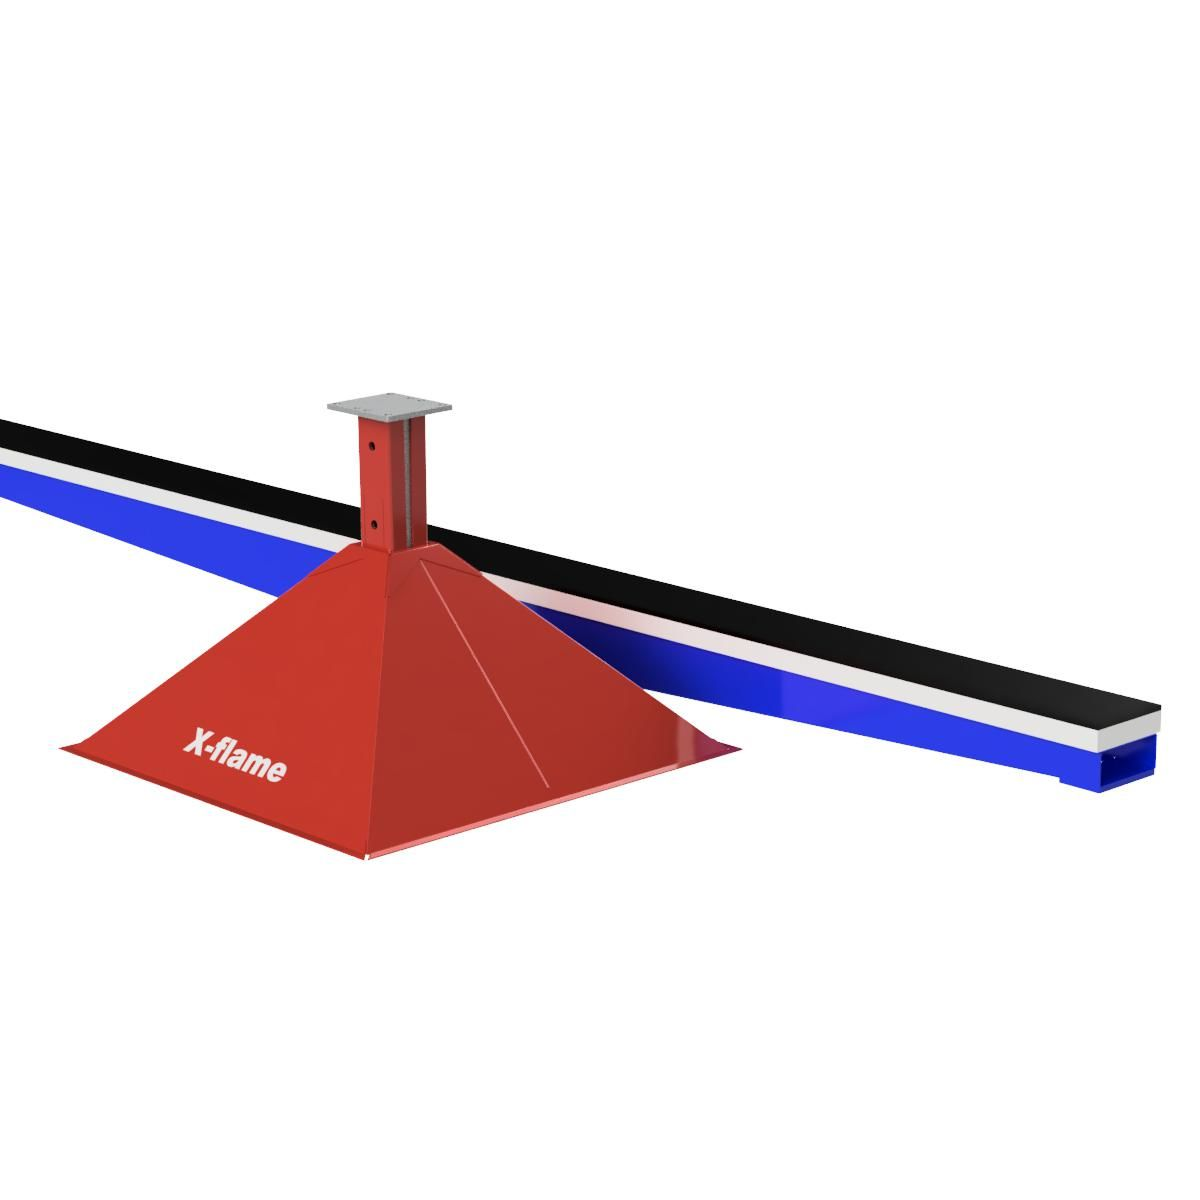 Kladina VARIO Rozšíření ze 4m kladiny na 8m kladinu X-flame